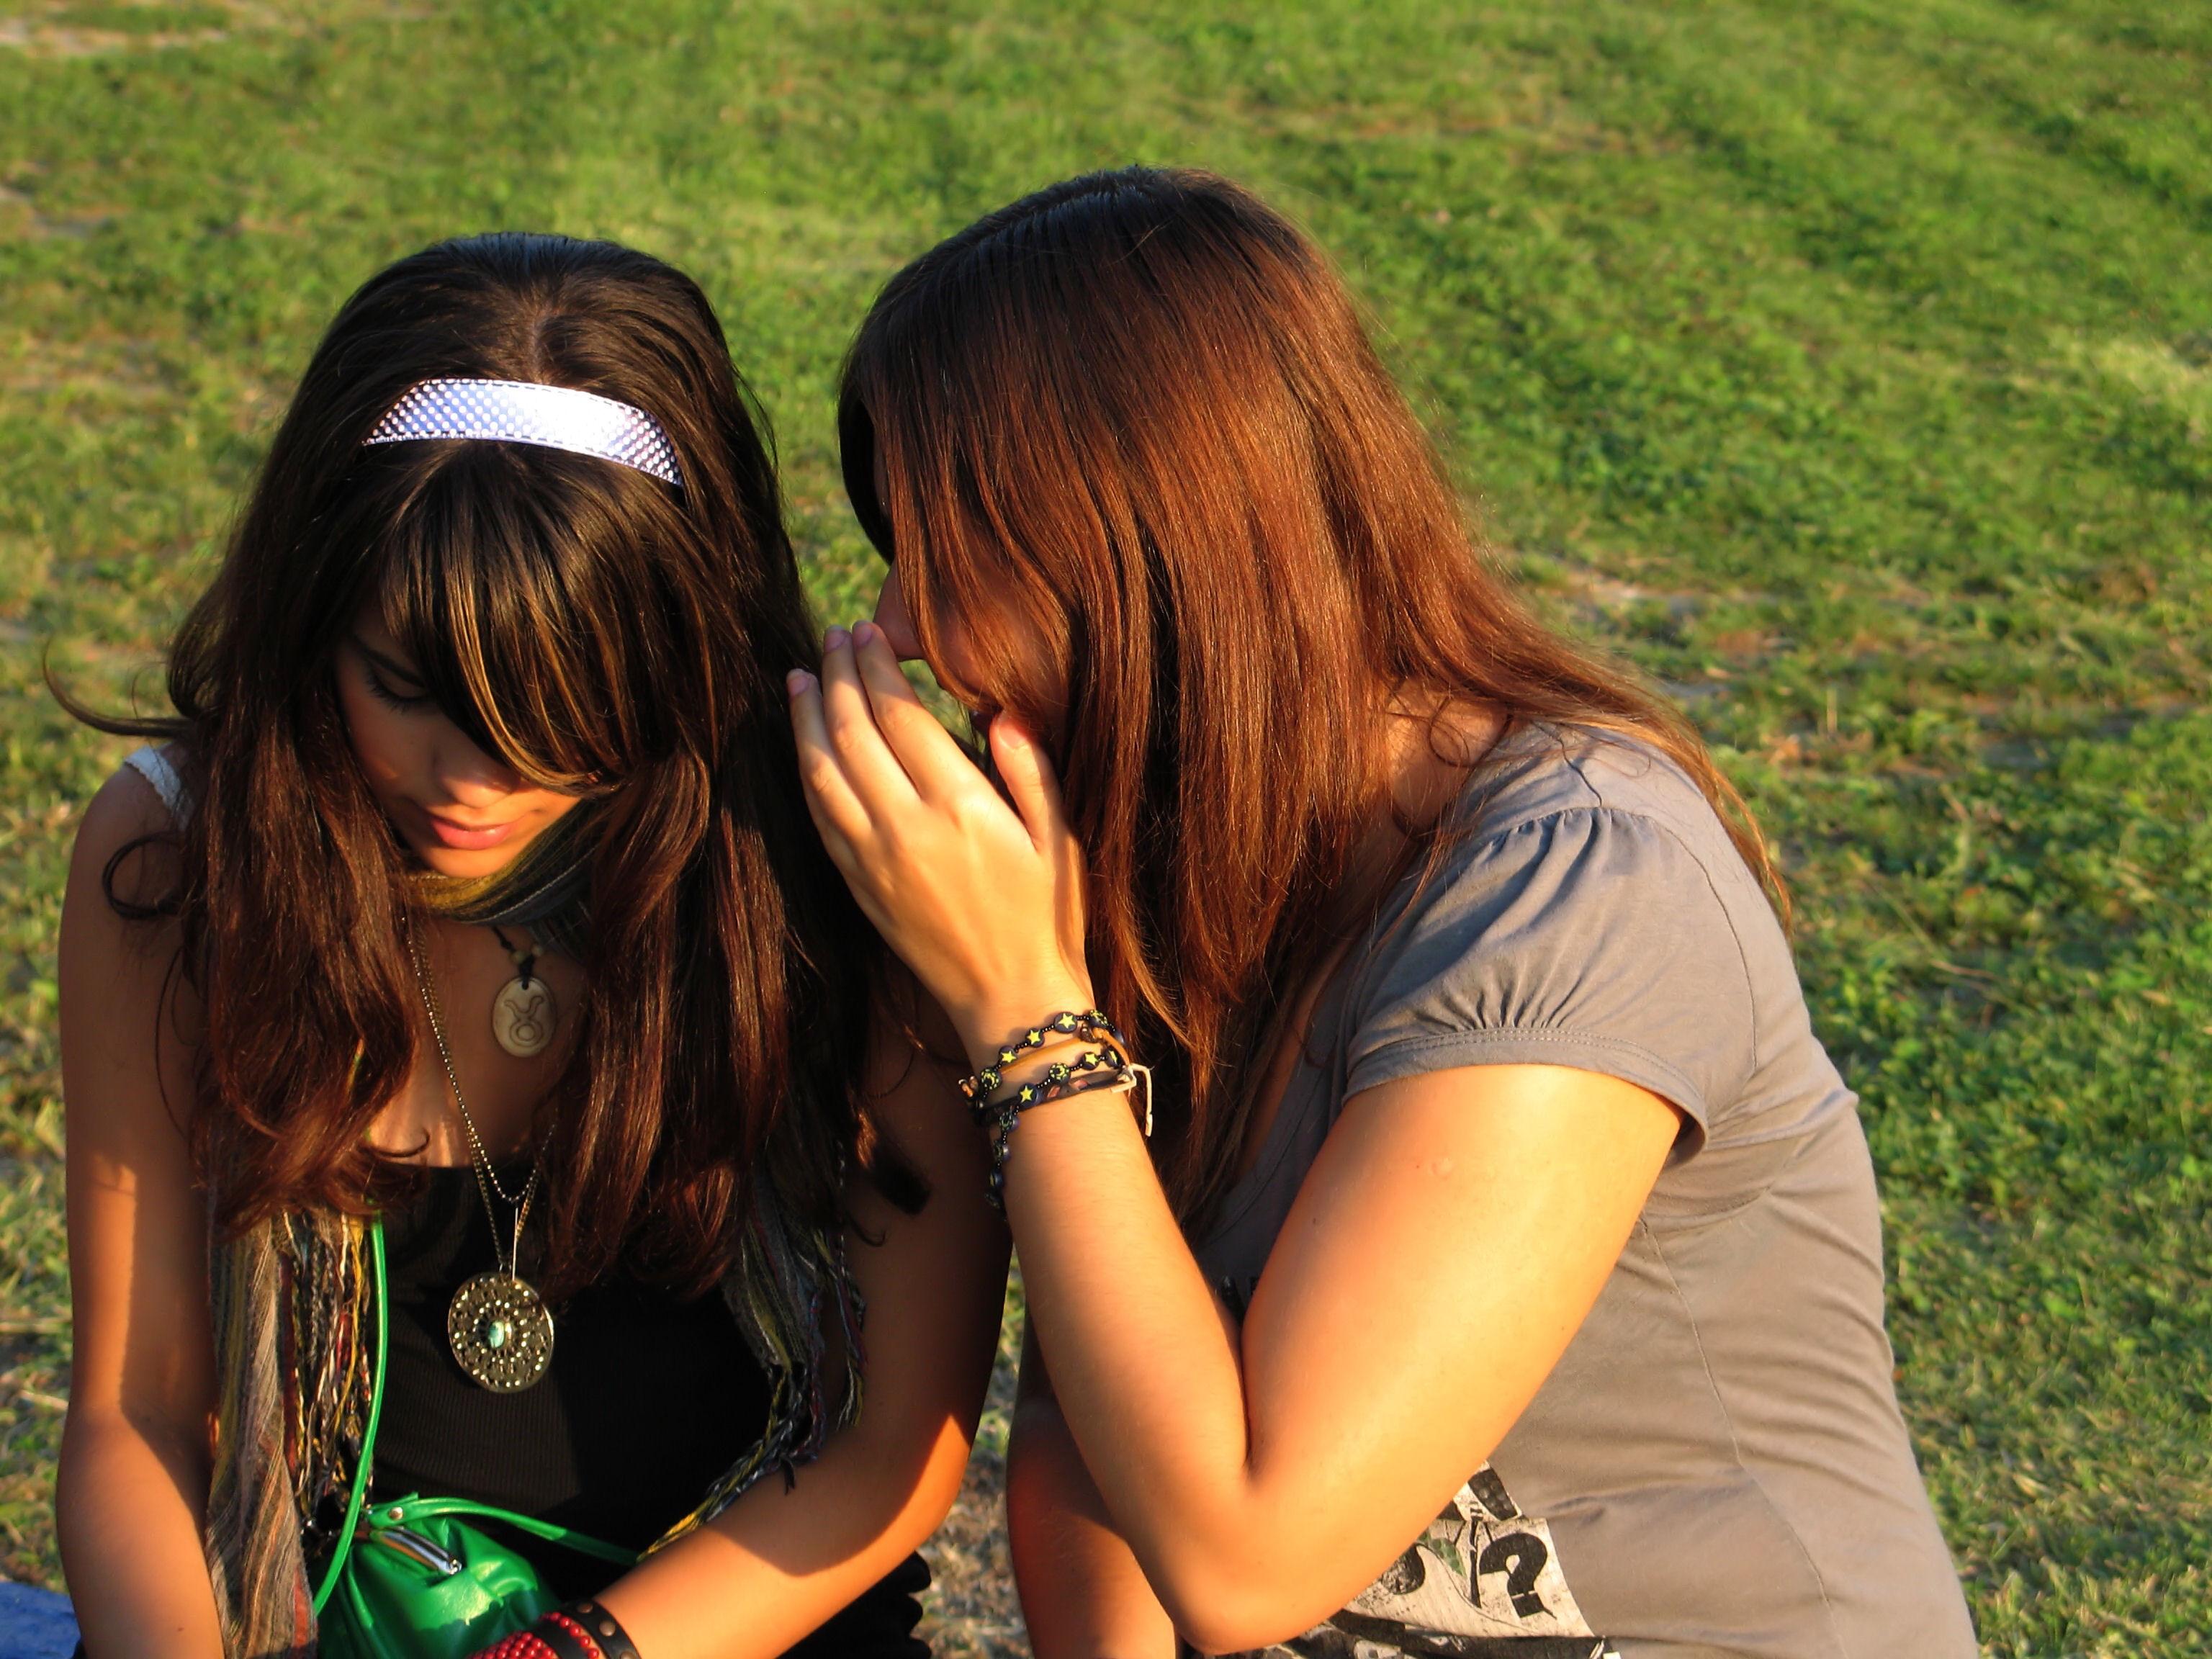 Teruntuk Sahabat Terbaikku Yang Kini Enggan Bertegur Sapa Denganku